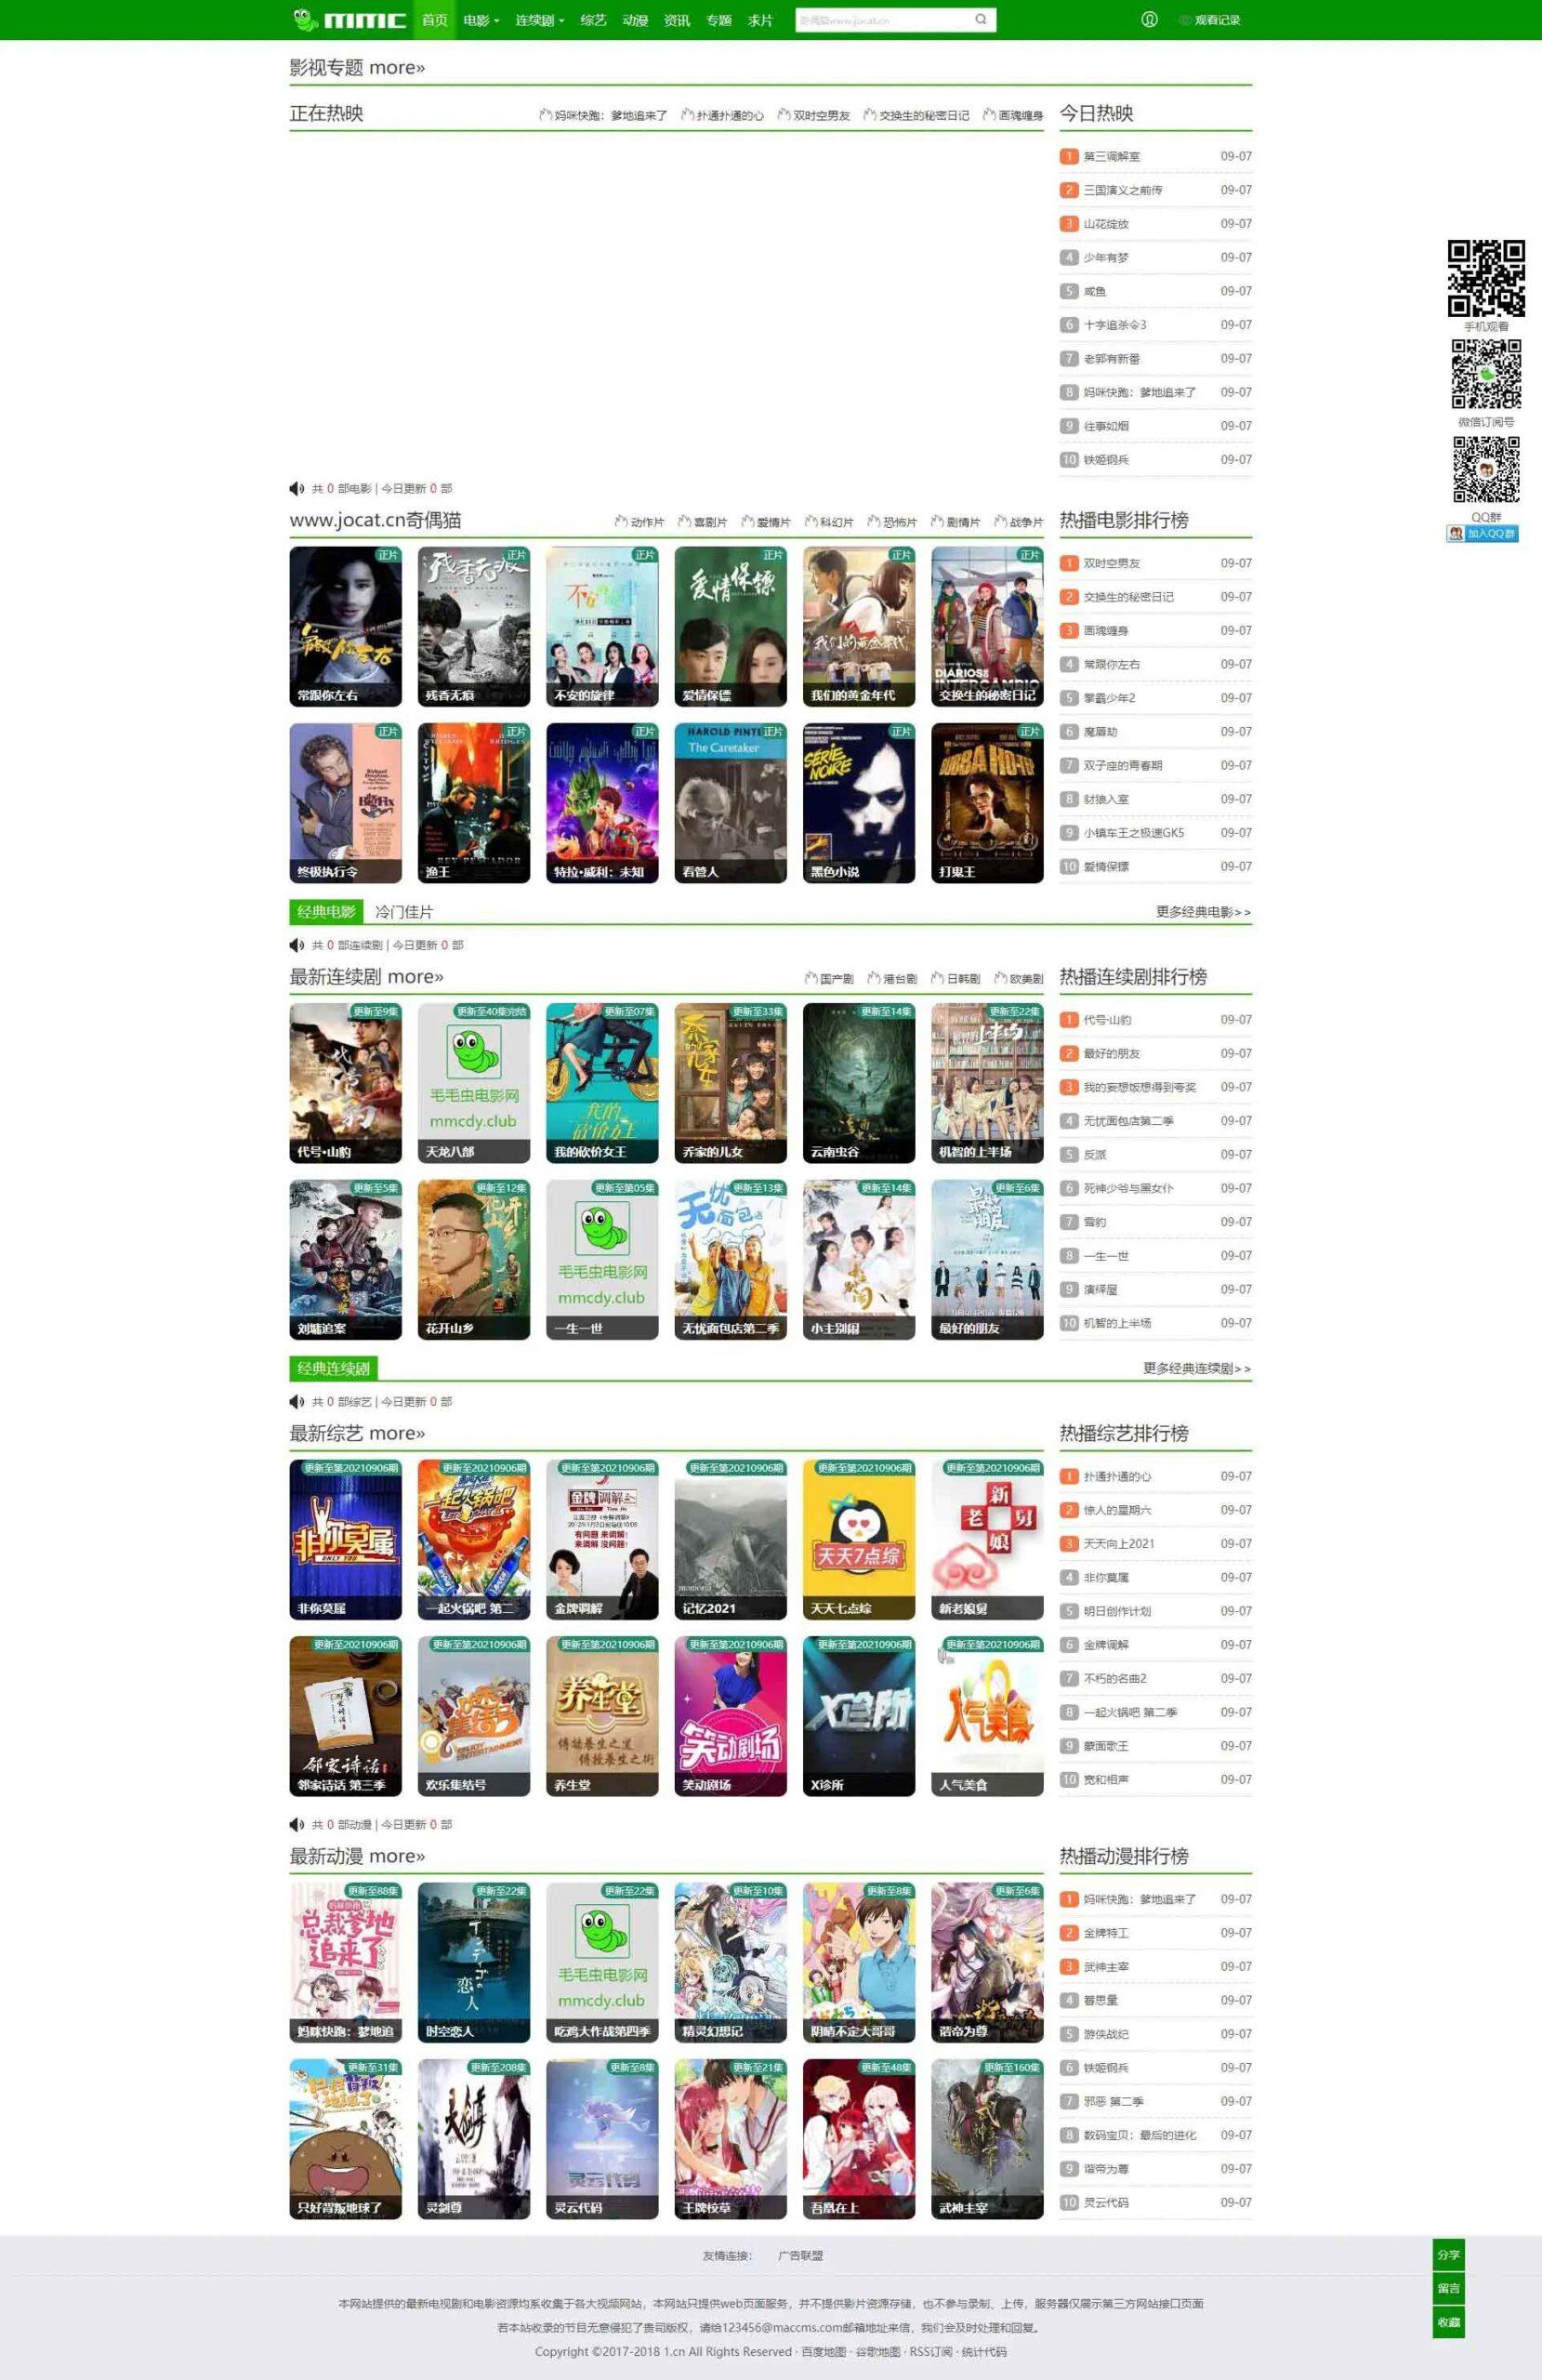 绿色毛毛虫影视模板苹果CMSV10模板源码下载